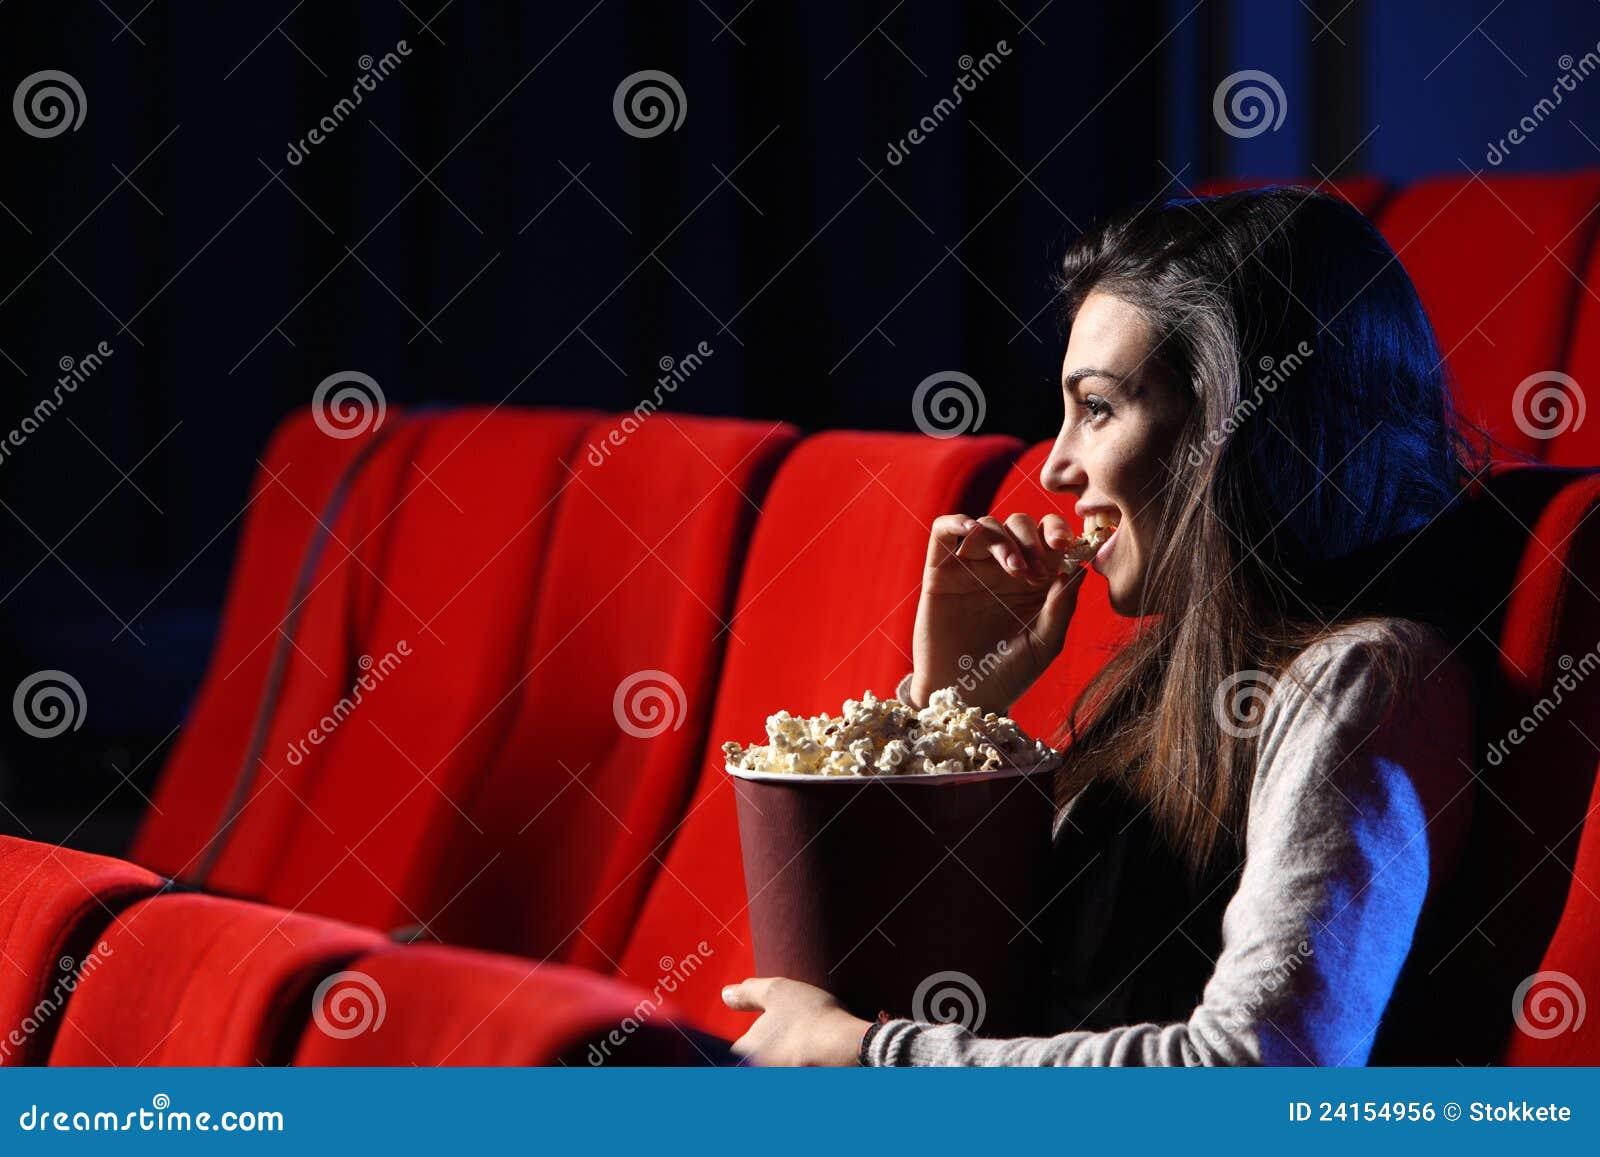 Jeune femme, elle mange du maïs éclaté et sourit